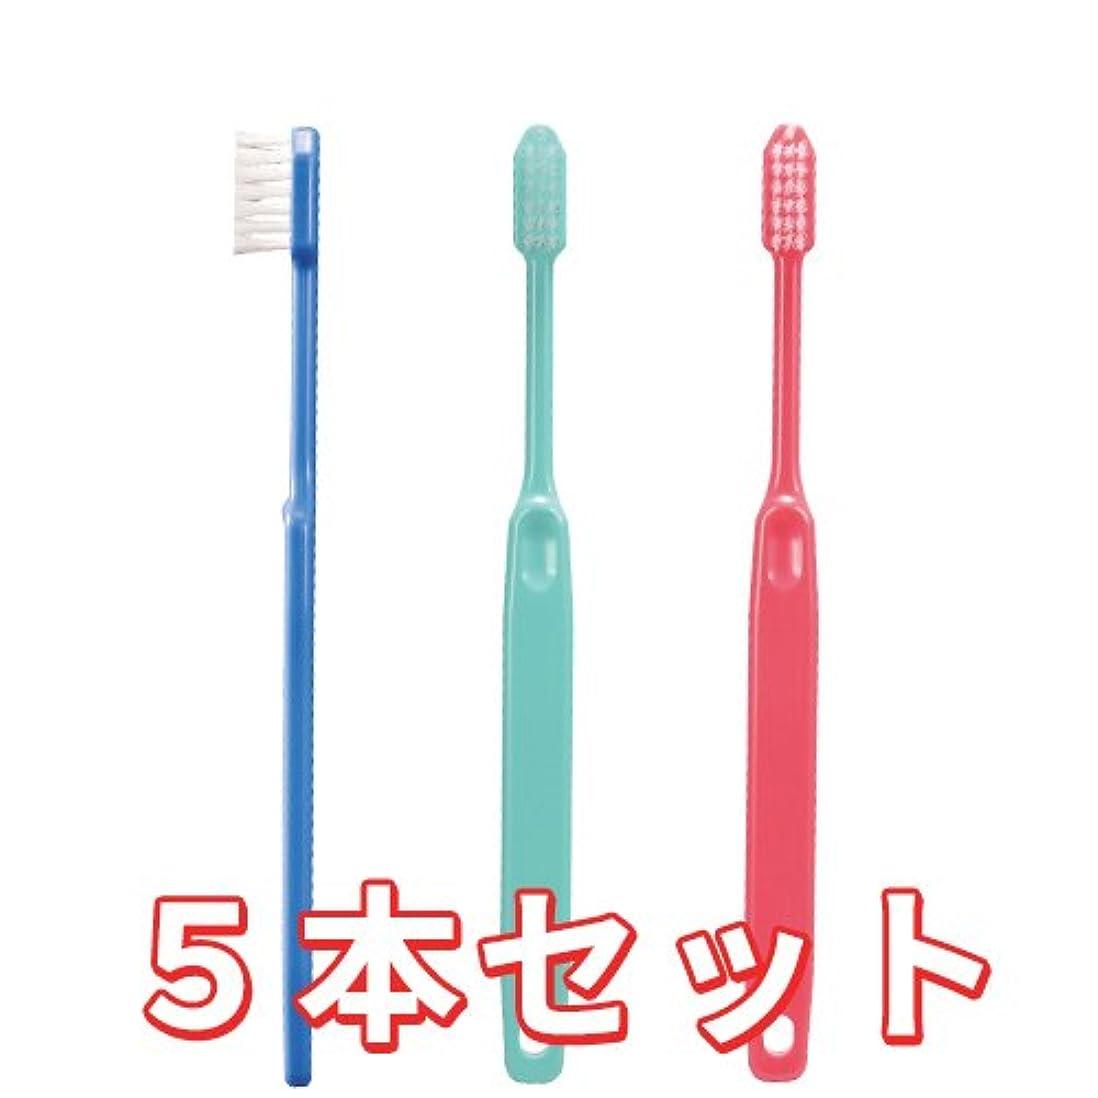 厚い未亡人ロバCiメディカル 歯ブラシ コンパクトヘッド 疎毛タイプ アソート 5本 (Ci25(やわらかめ))